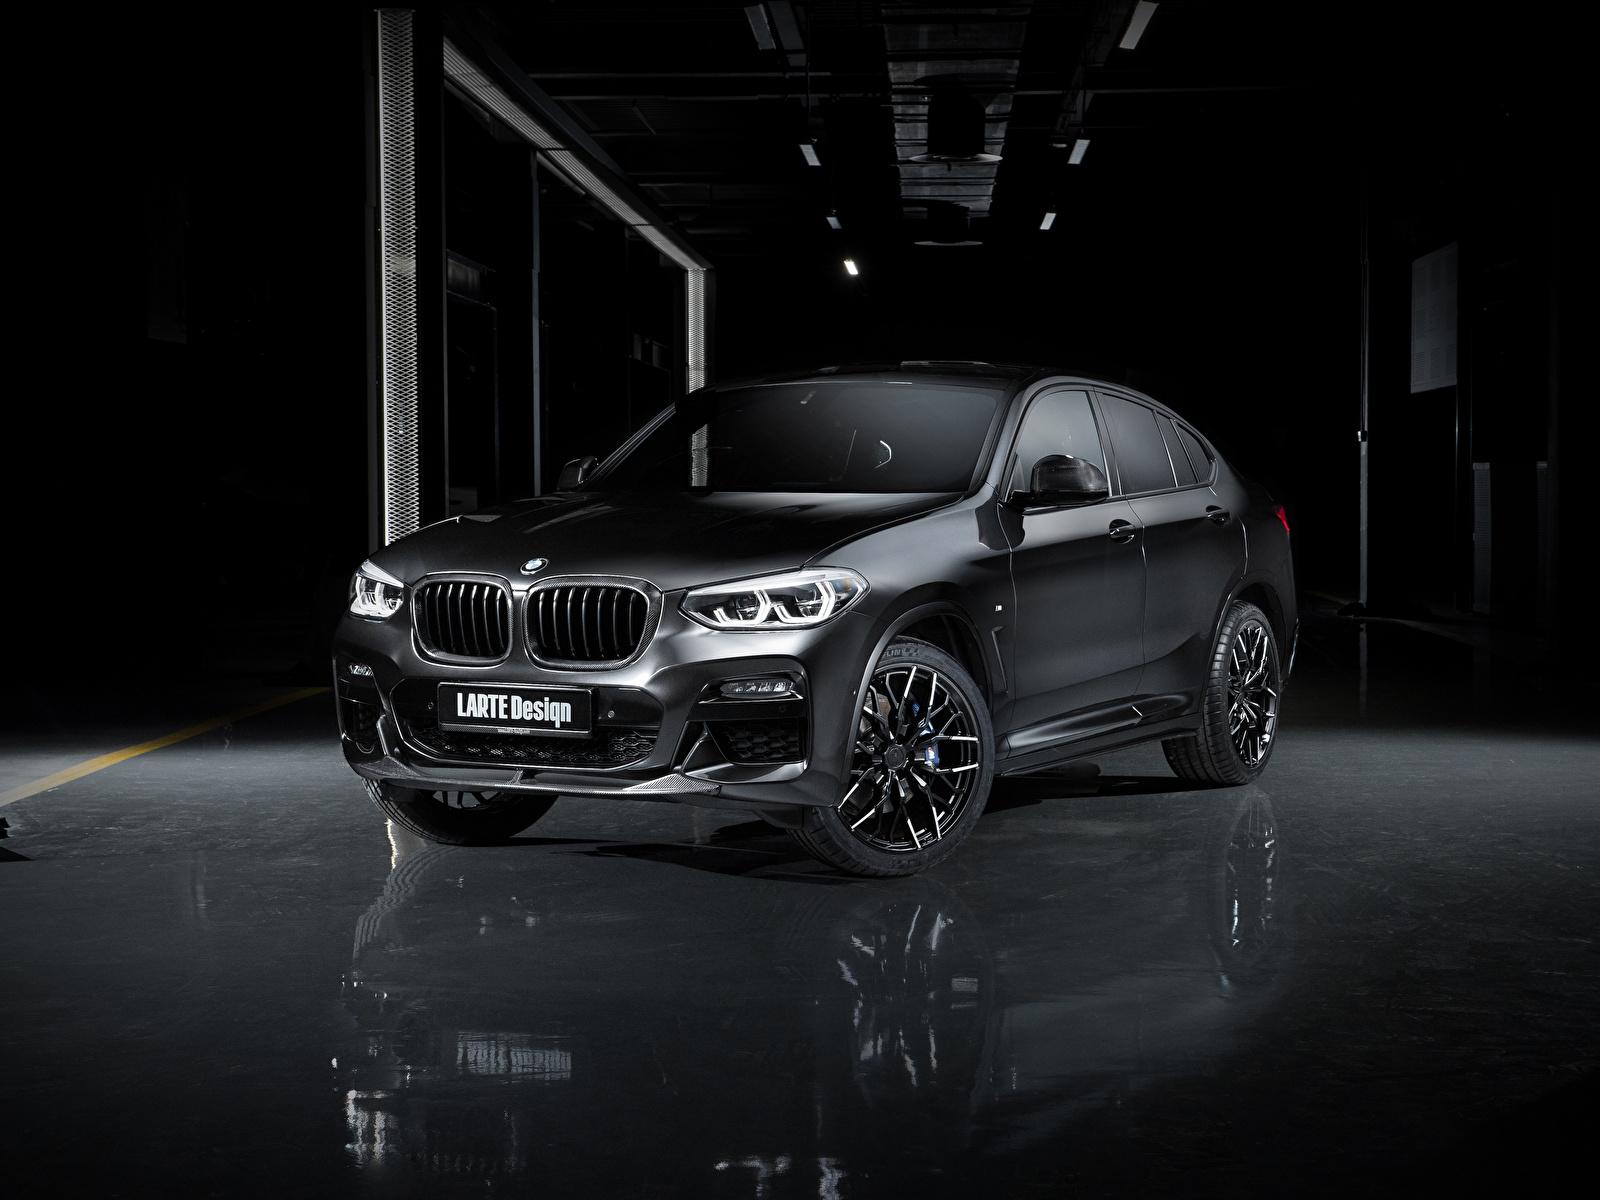 Картинки БМВ Кроссовер 2020 Larte Design BMW X4 Черный Автомобили 1600x1200 CUV черная черные черных авто машины машина автомобиль